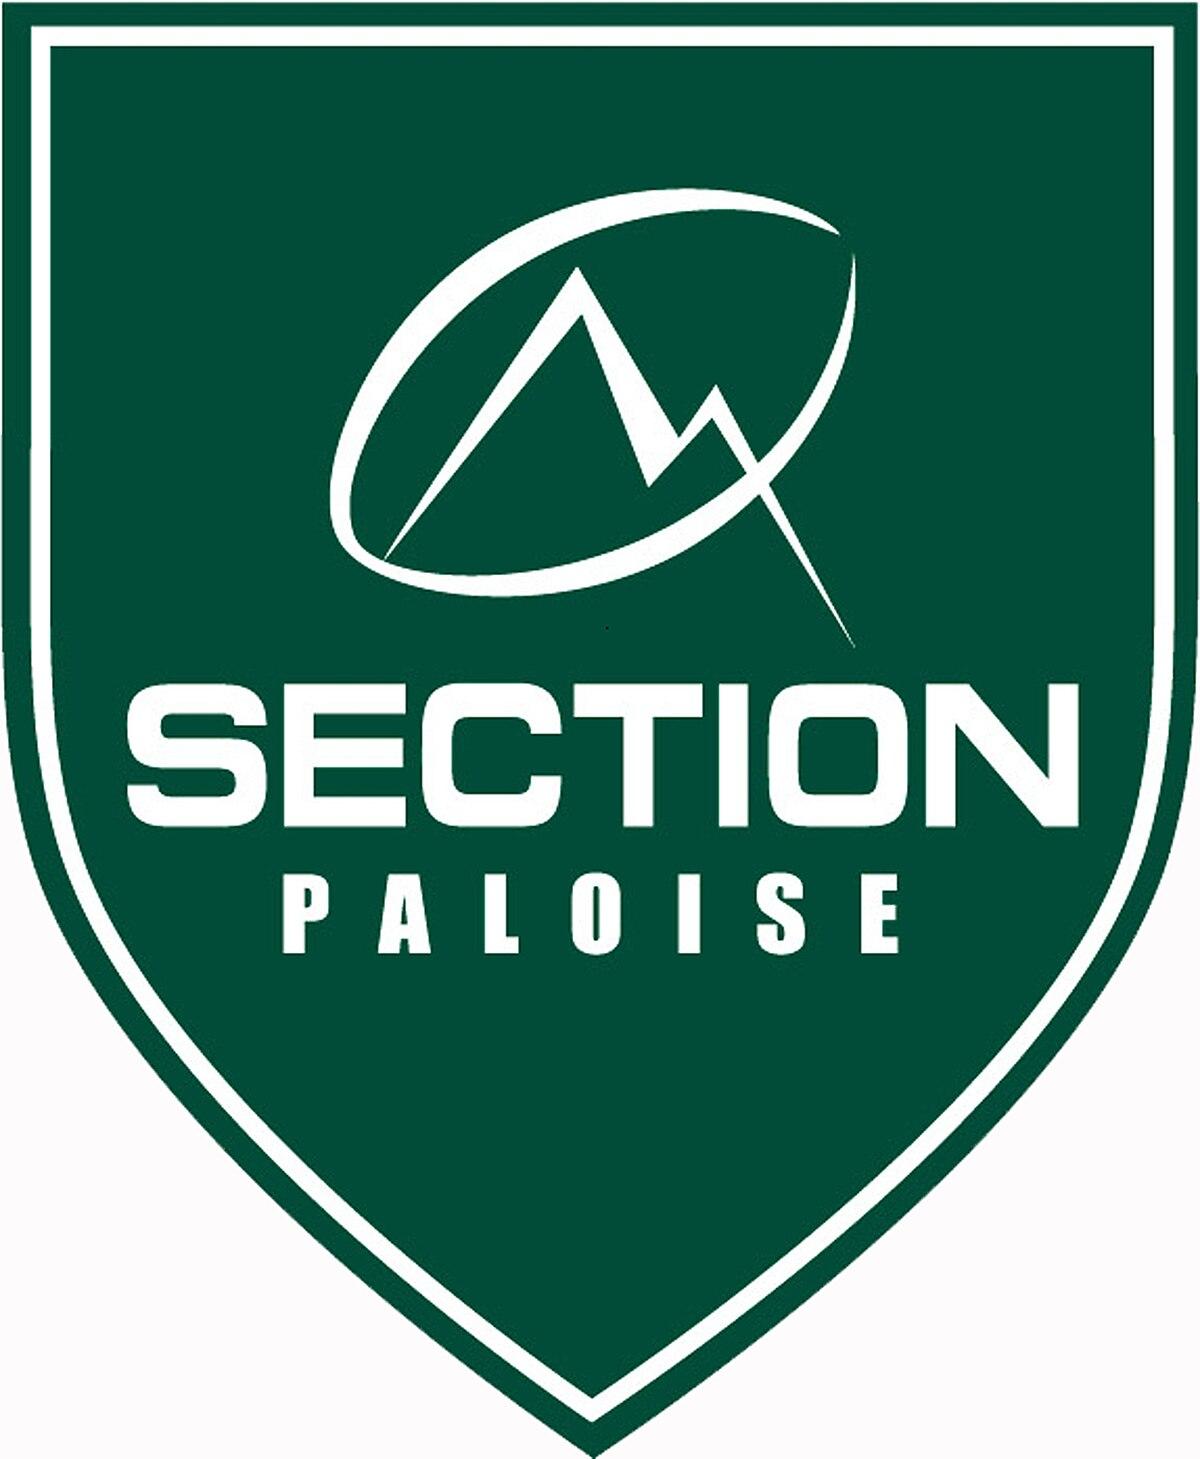 Section Paloise - Wikipedia, la enciclopedia libre